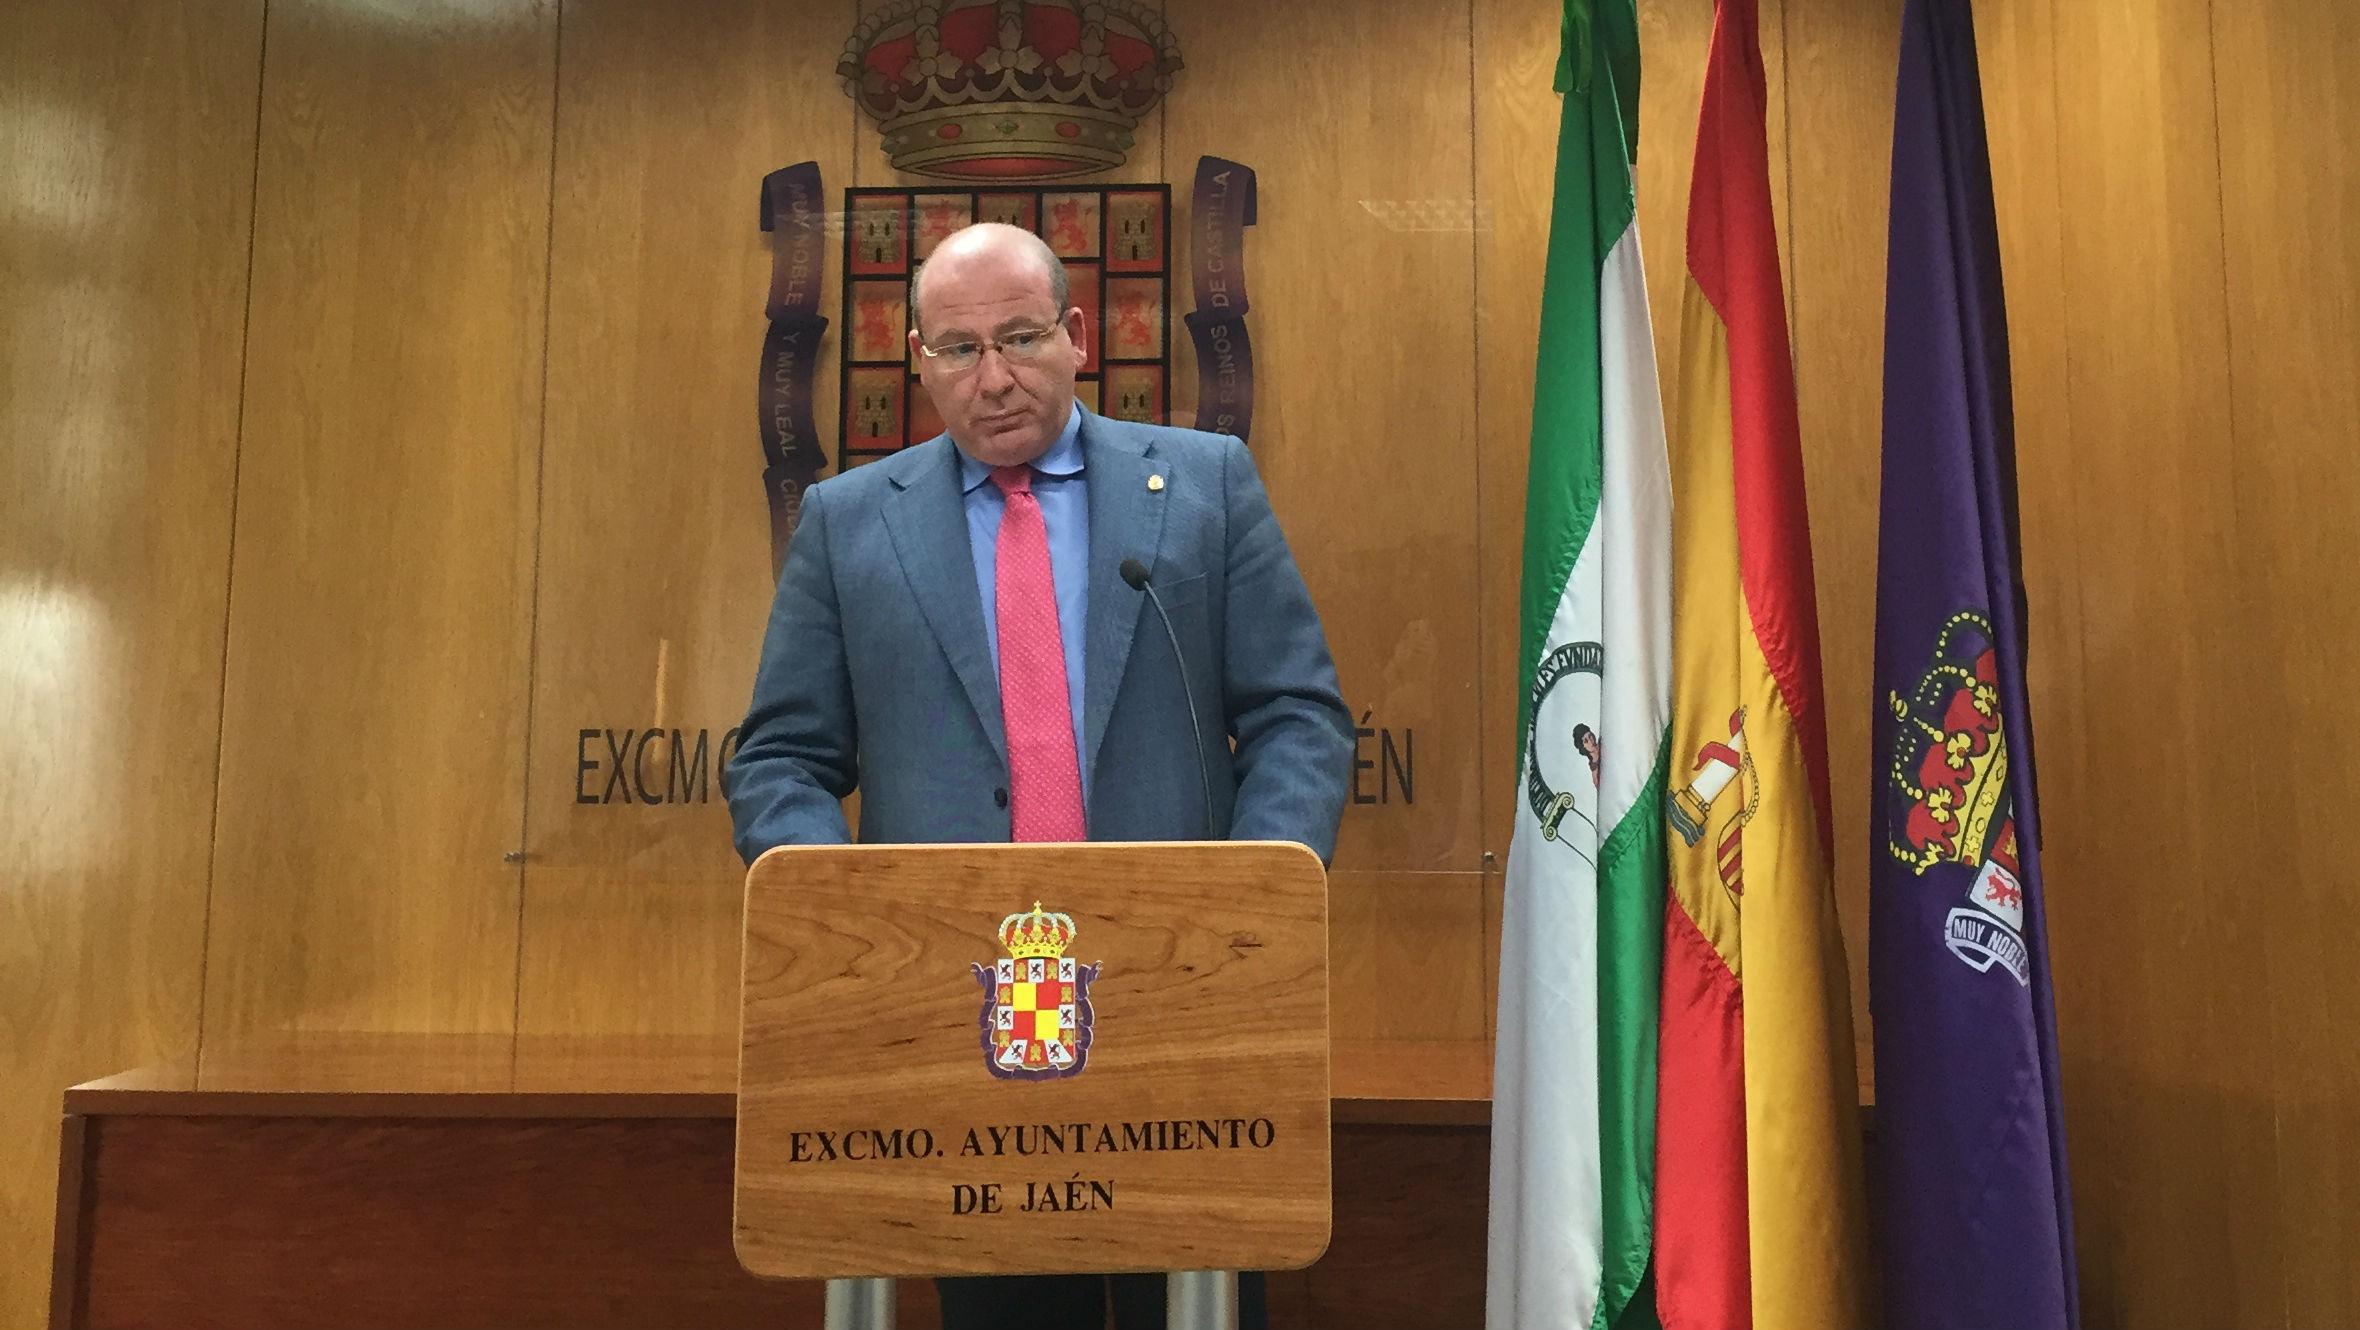 El alcalde de Jaén, Javier Márquez, durante el acto informativo en el que ha anunciado el recurso